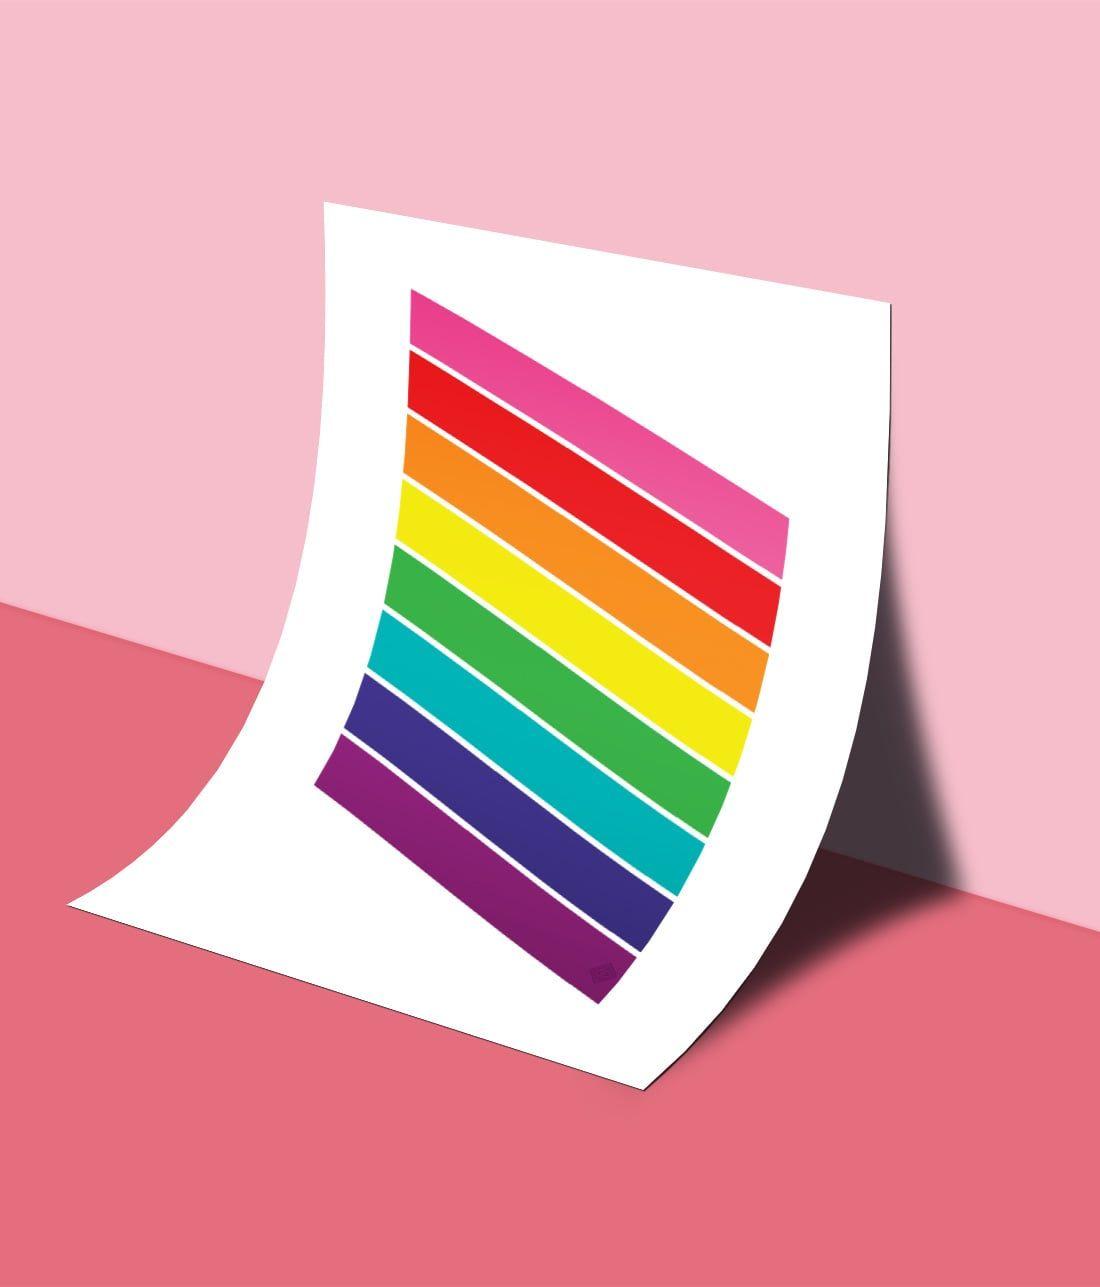 Pride Rainbow Flag Free Printable Lgbtq Flag Little Gold Pixel Rainbow Flag Pride Free Printable Art Lgbtq Flags